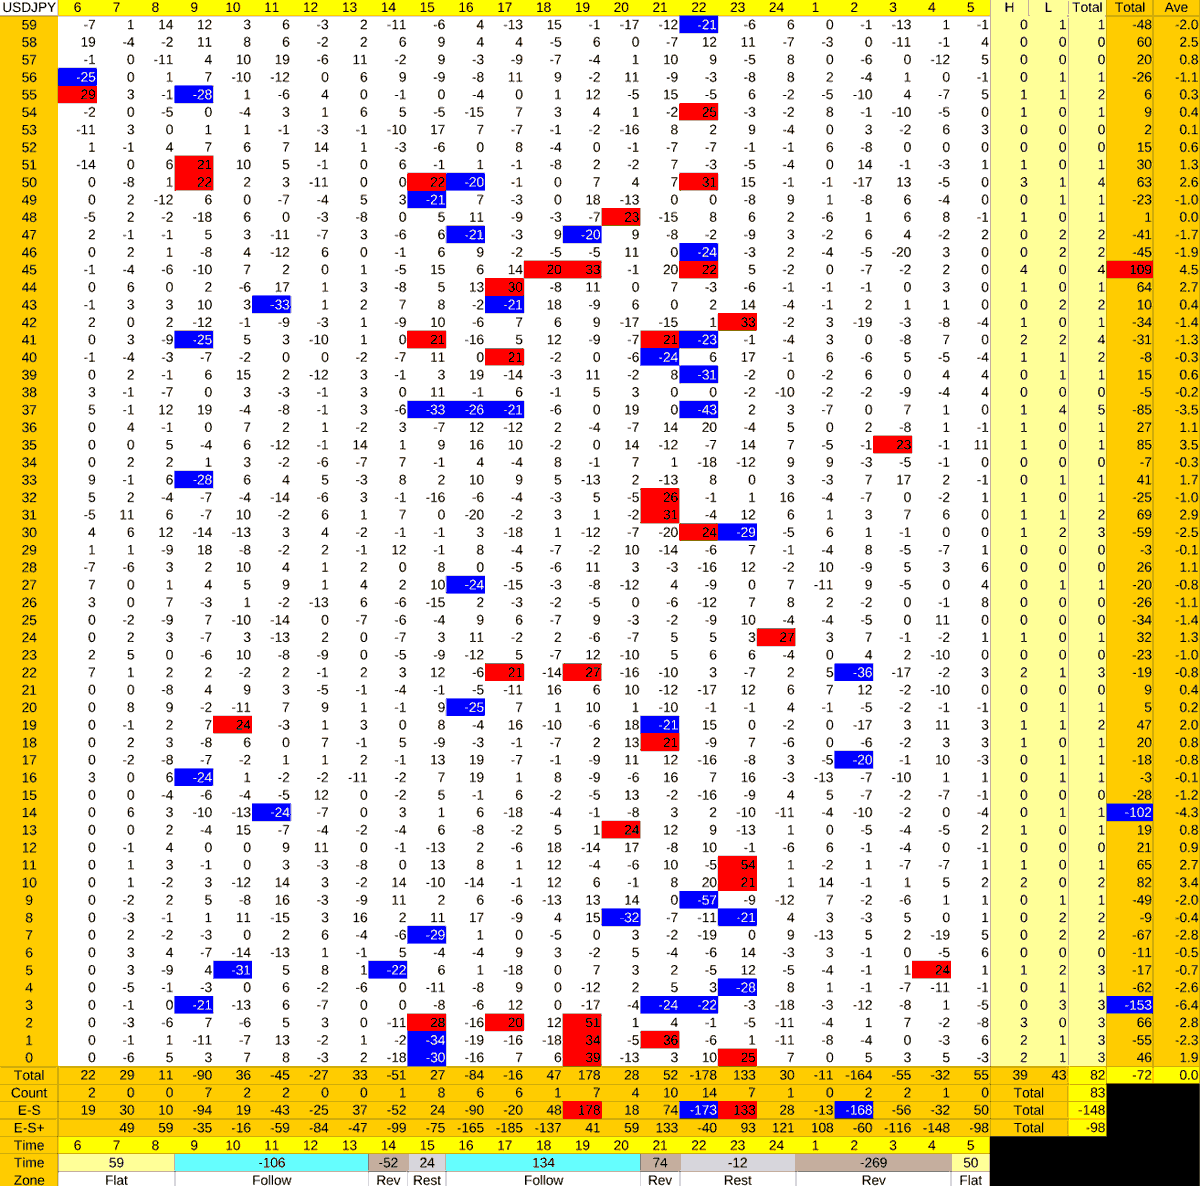 20210715_HS(1)USDJPY